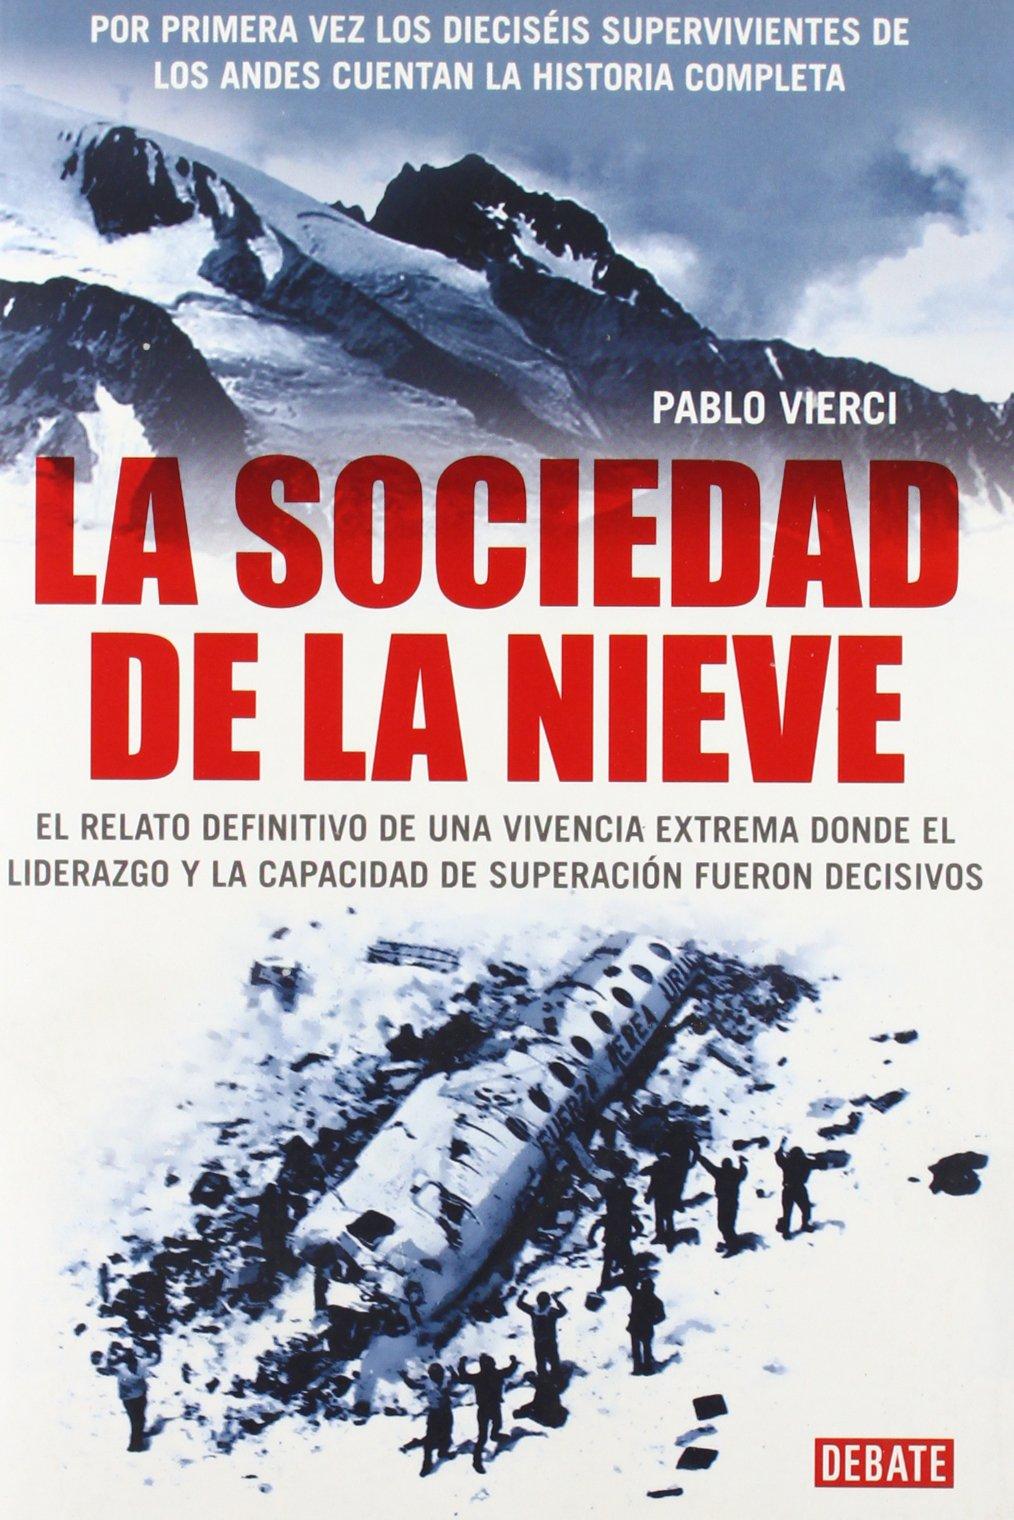 la-sociedad-de-la-nieve-debate-band-18036